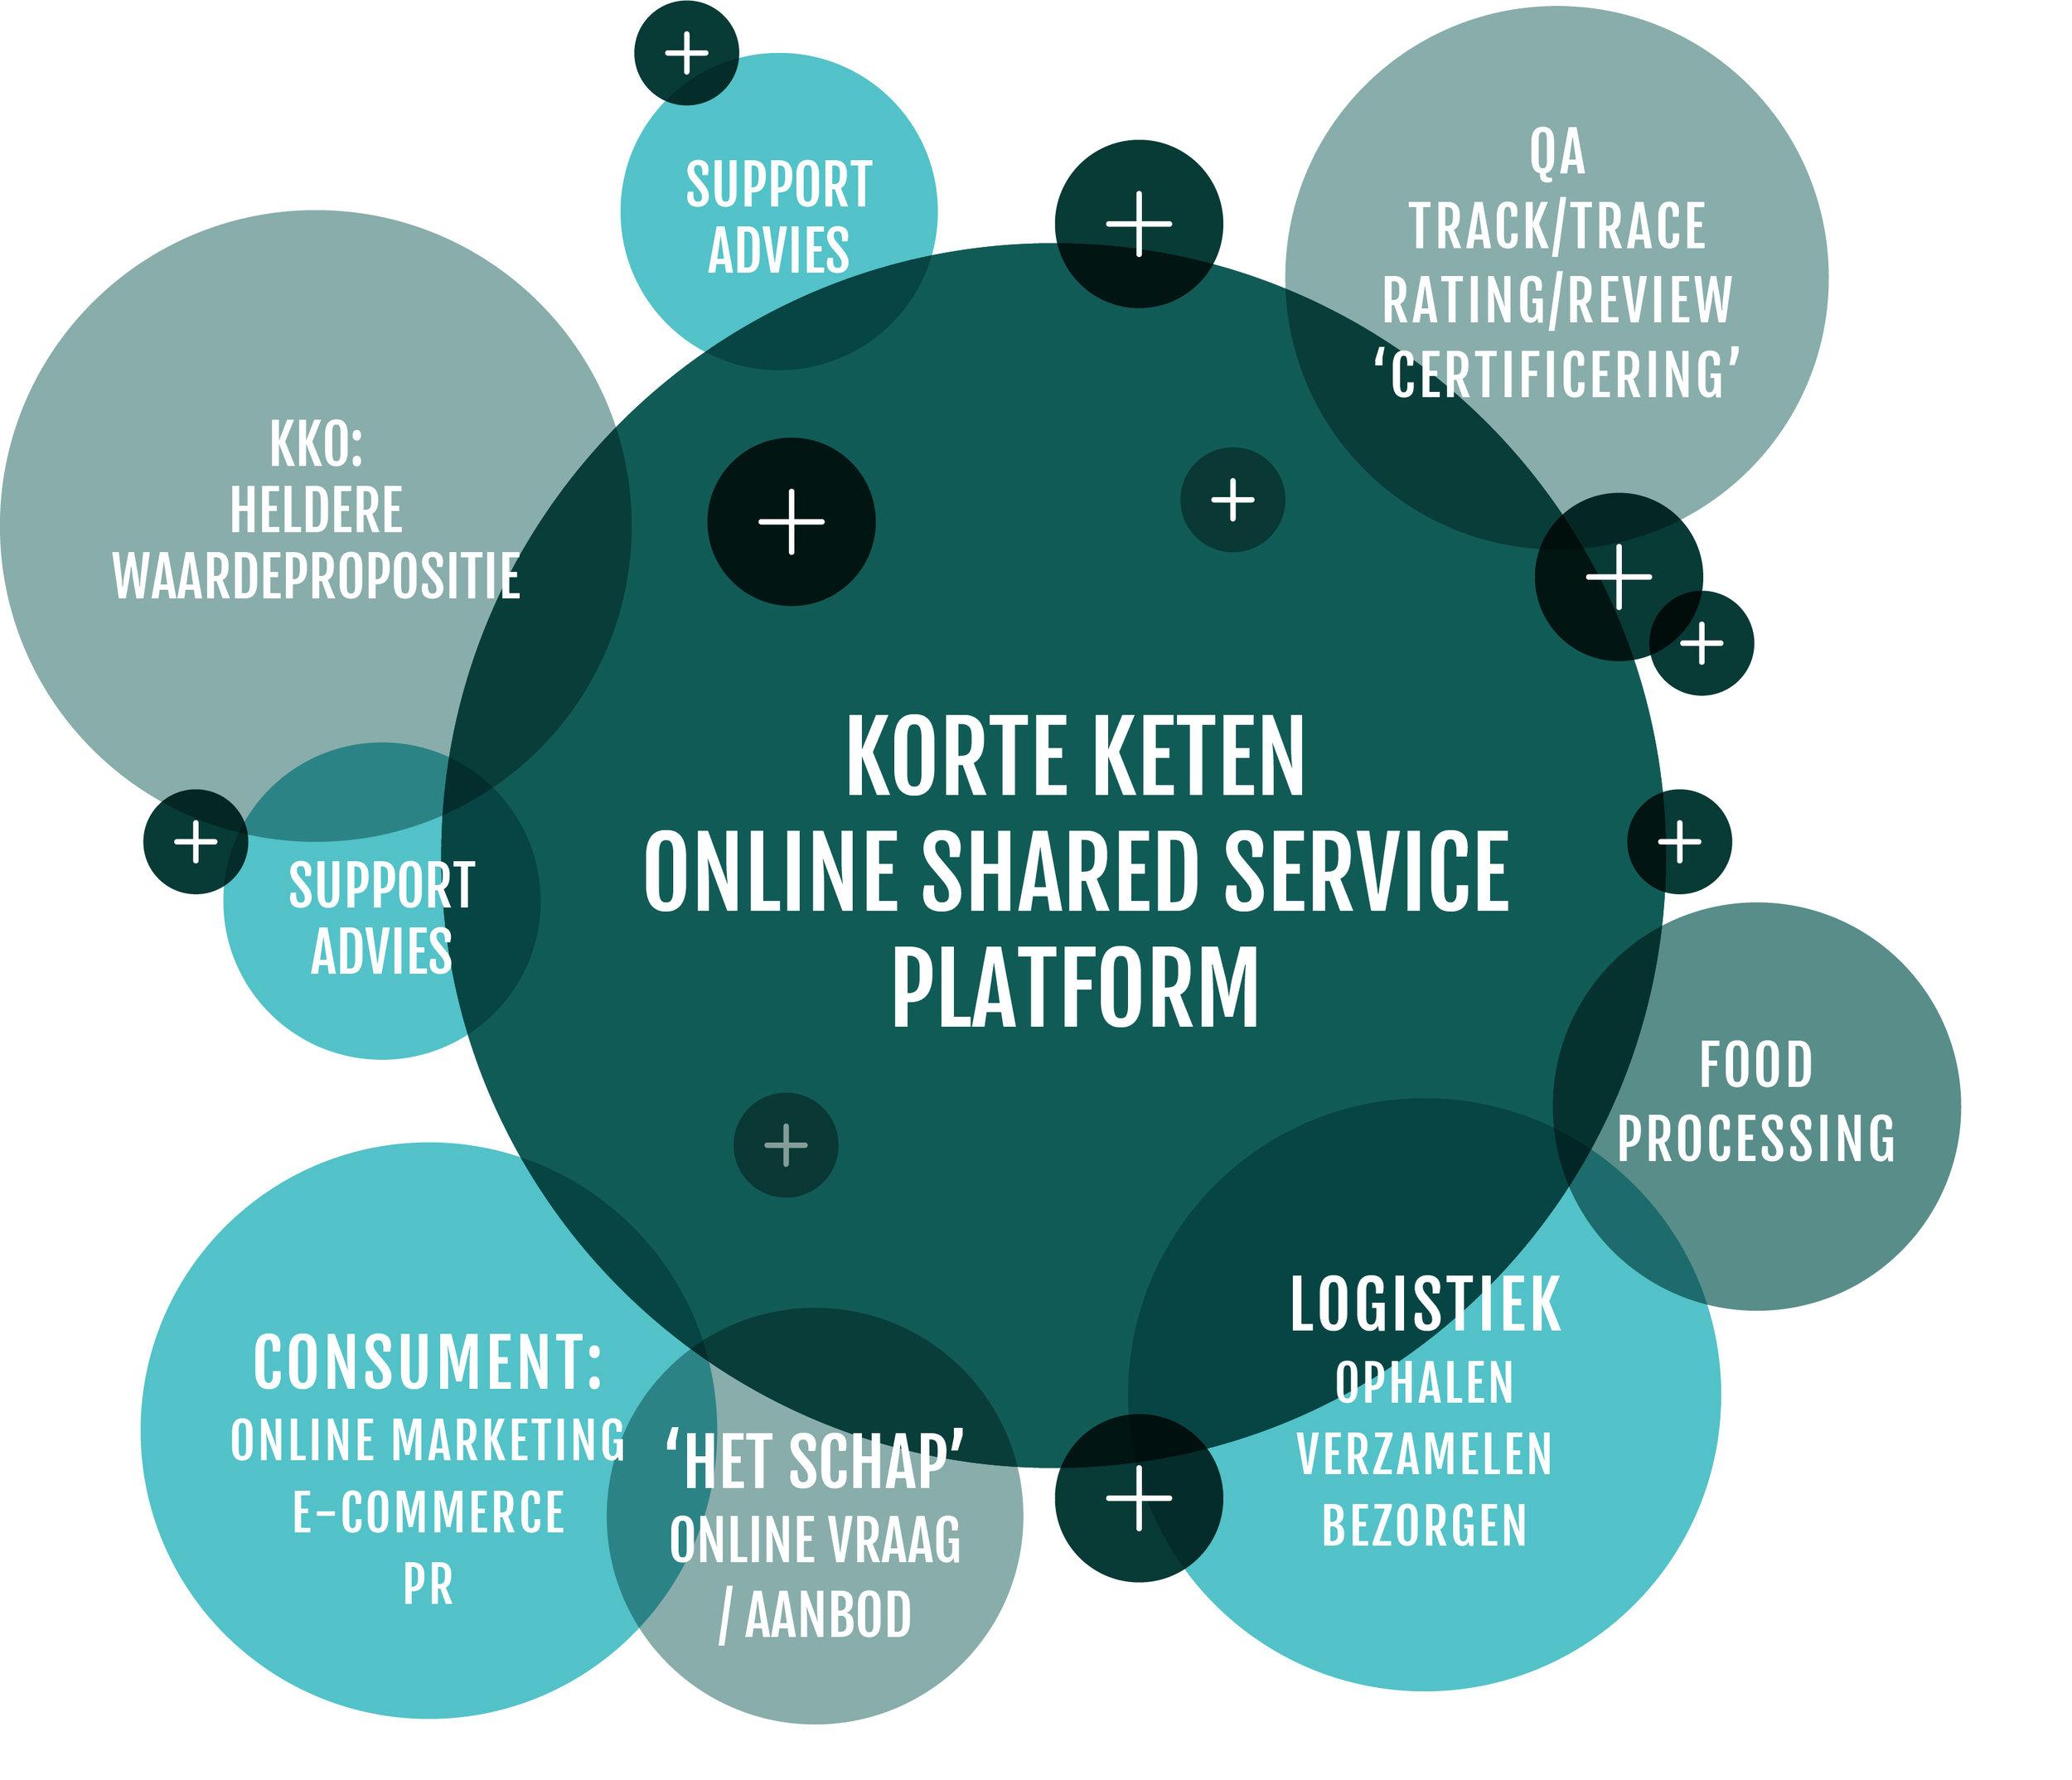 Korte_keten_platform.jpg